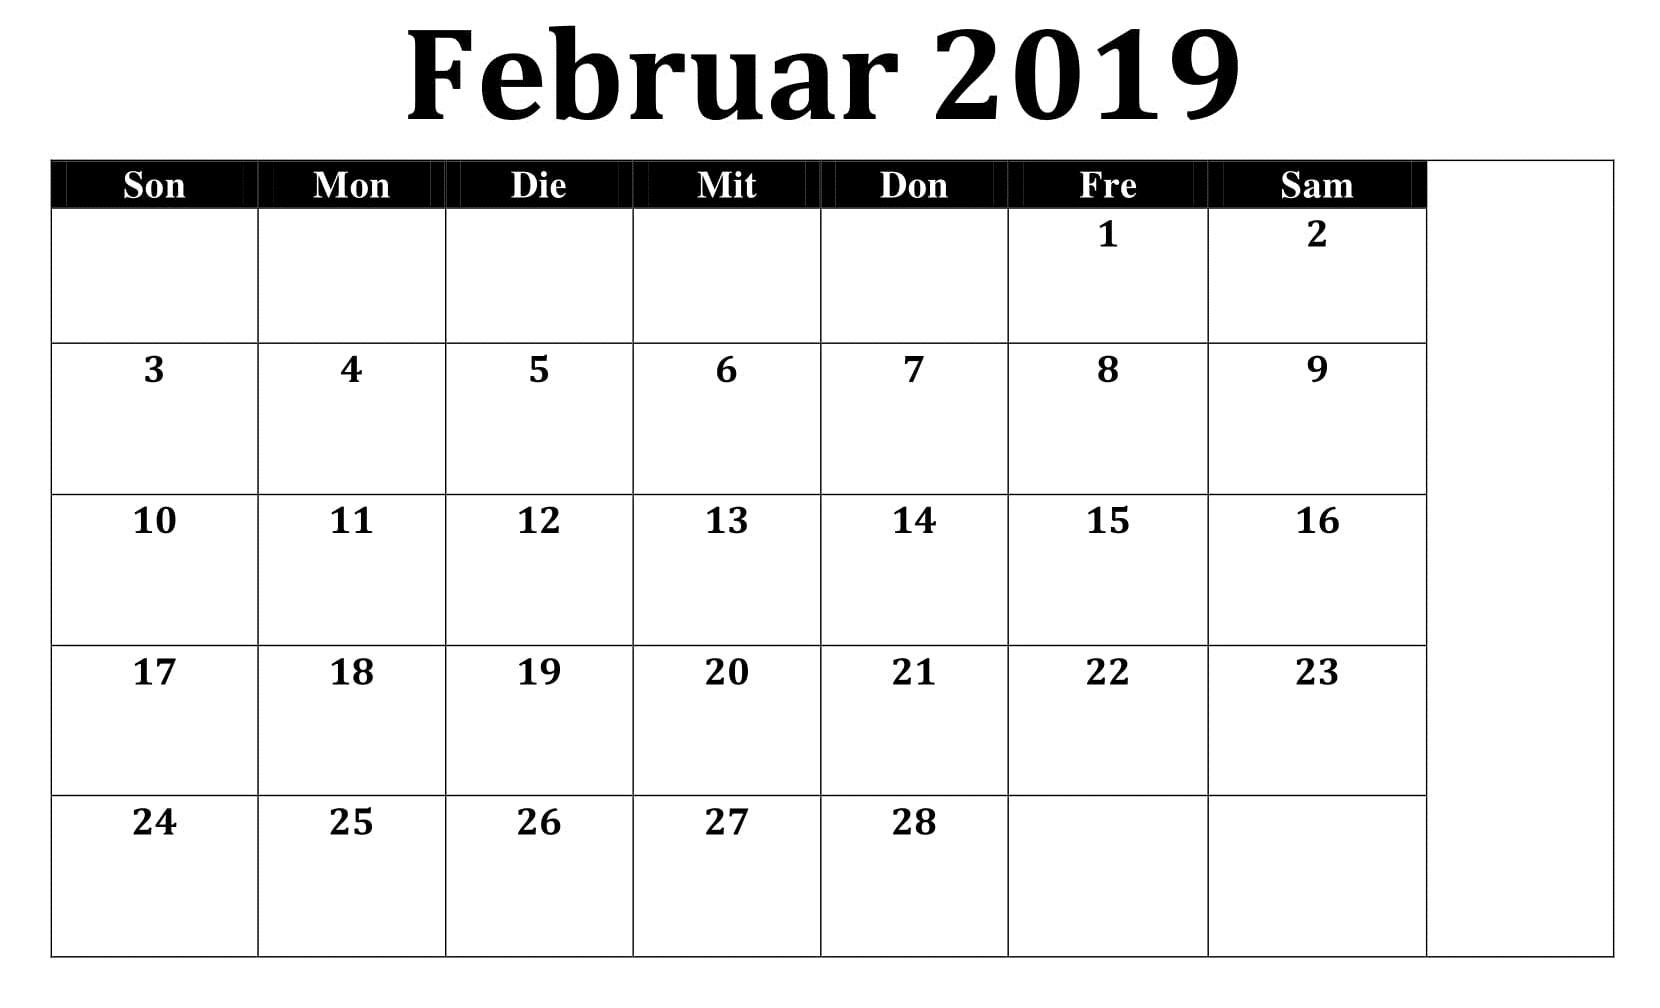 Kalender 2019 Stile Mit Feiertagen Februar